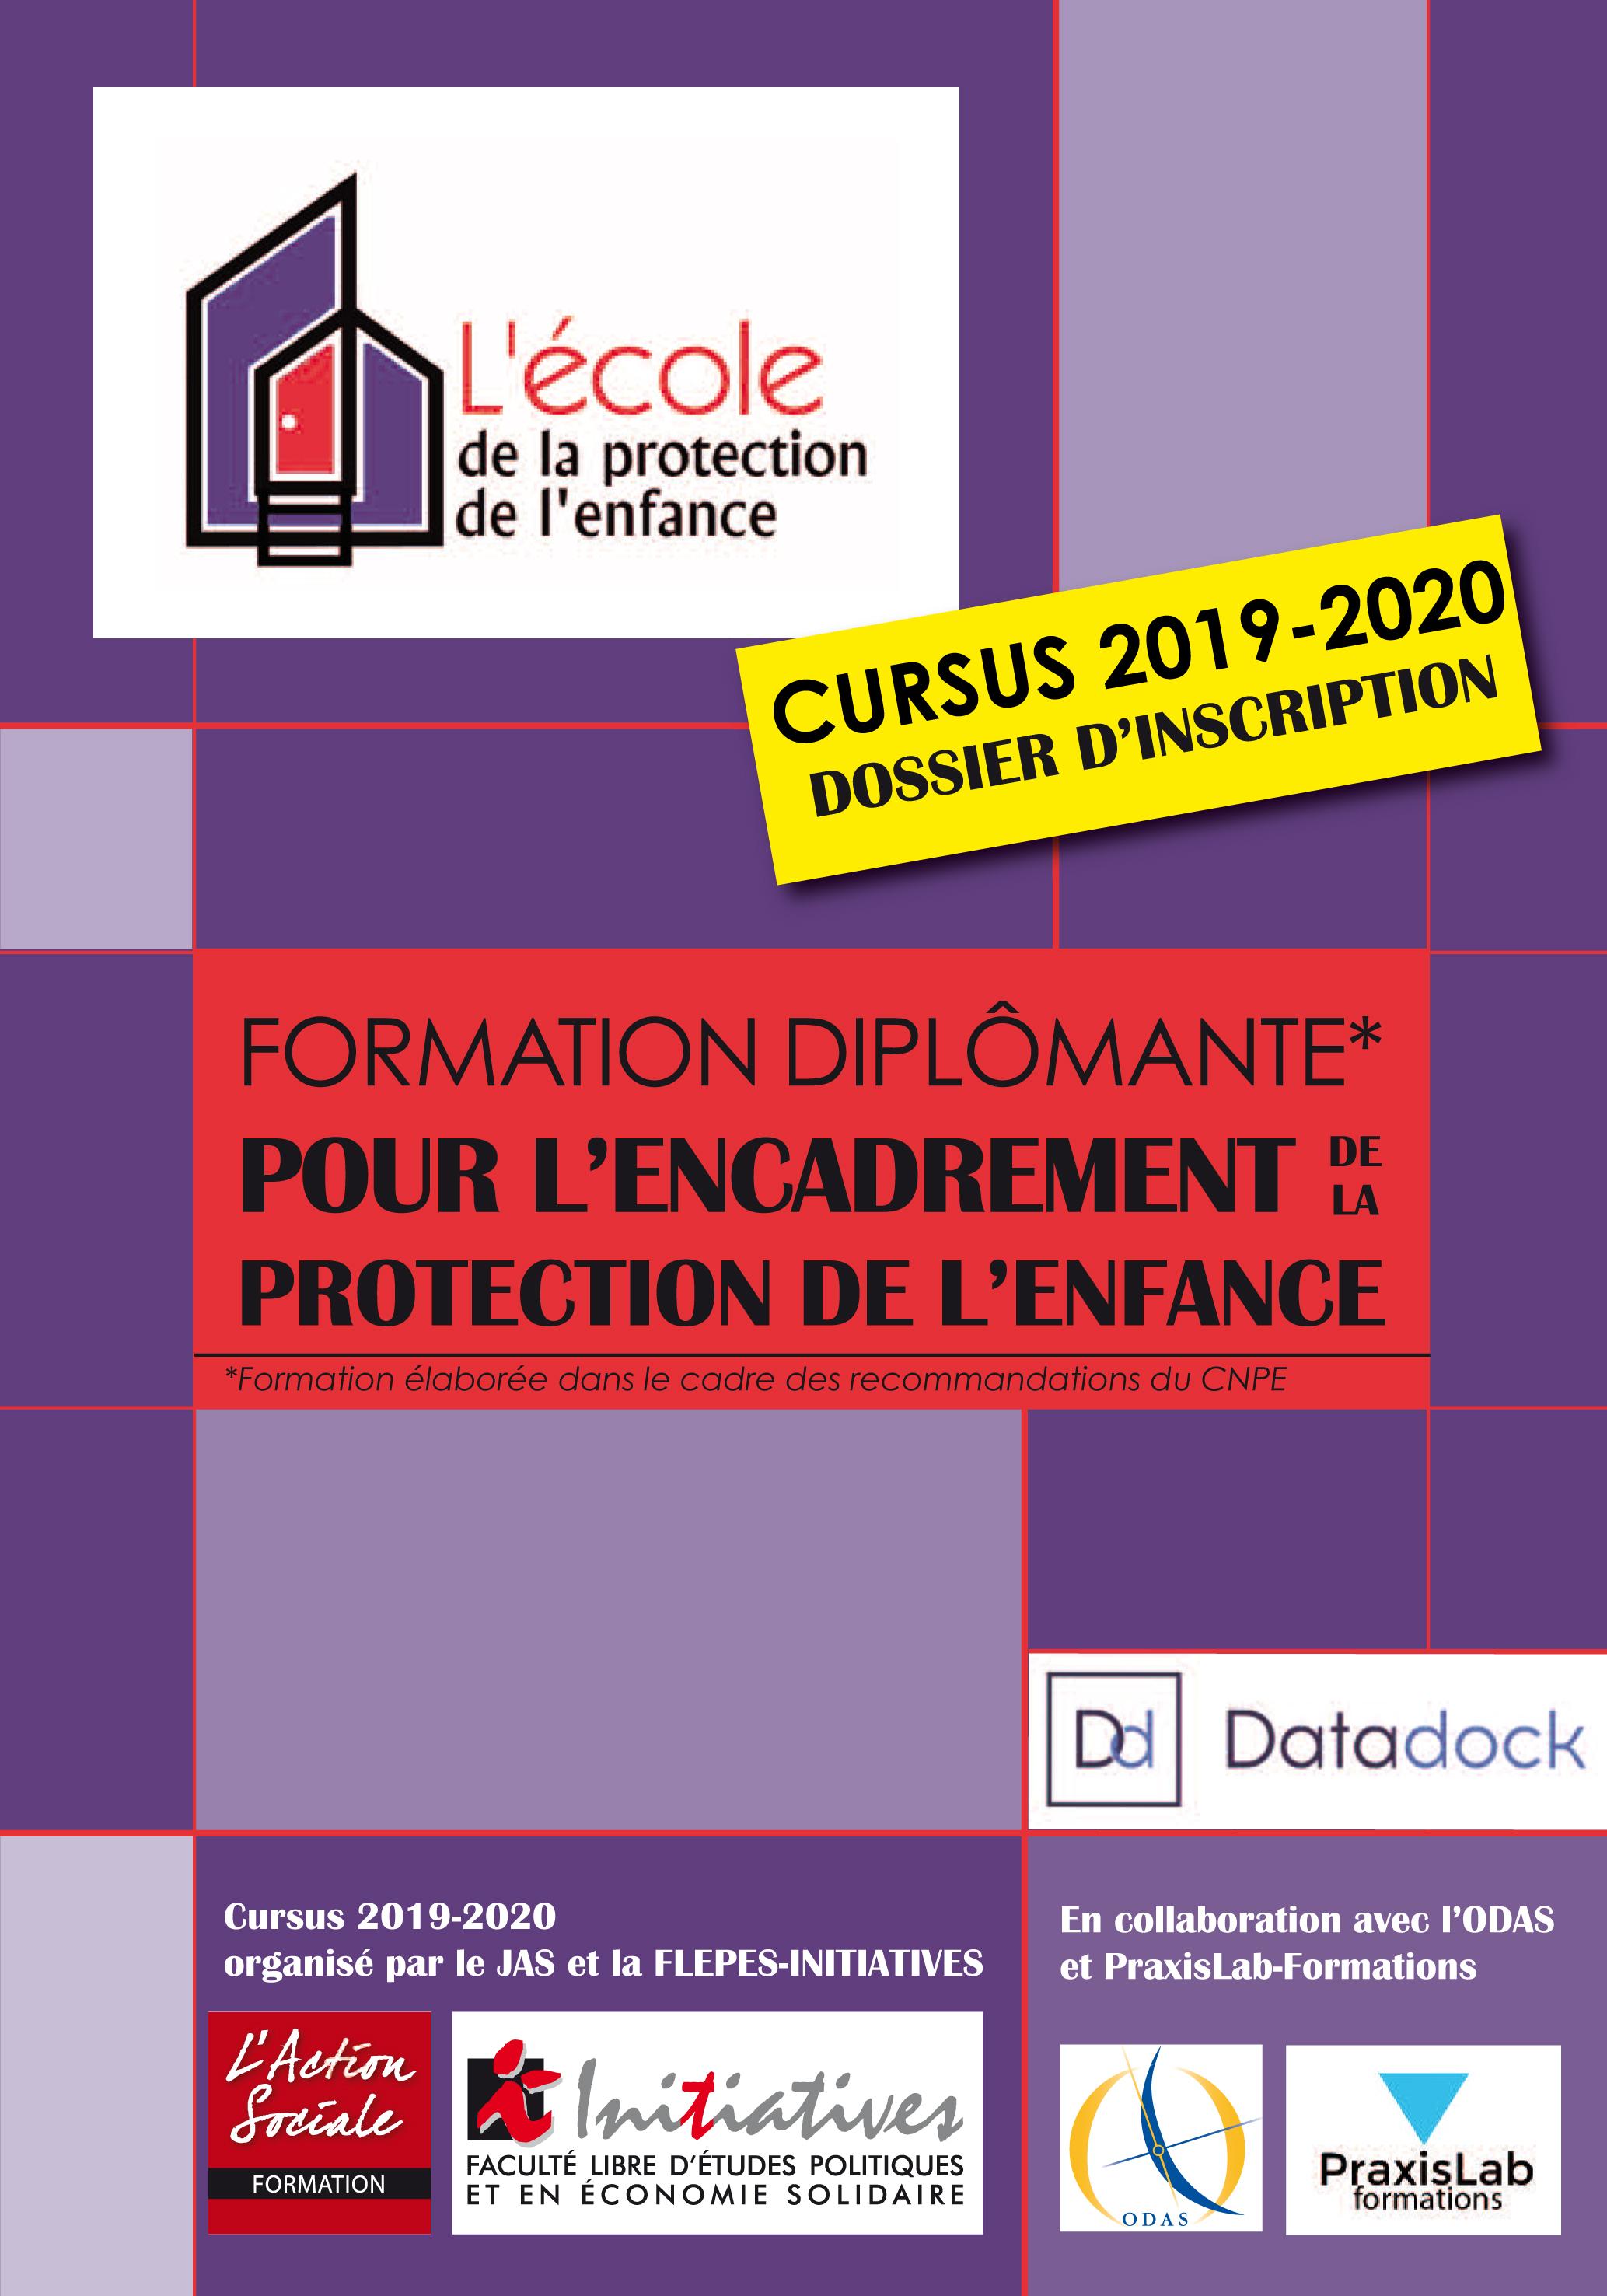 Couverture du programme du CURSUS diplômant 2019 2020